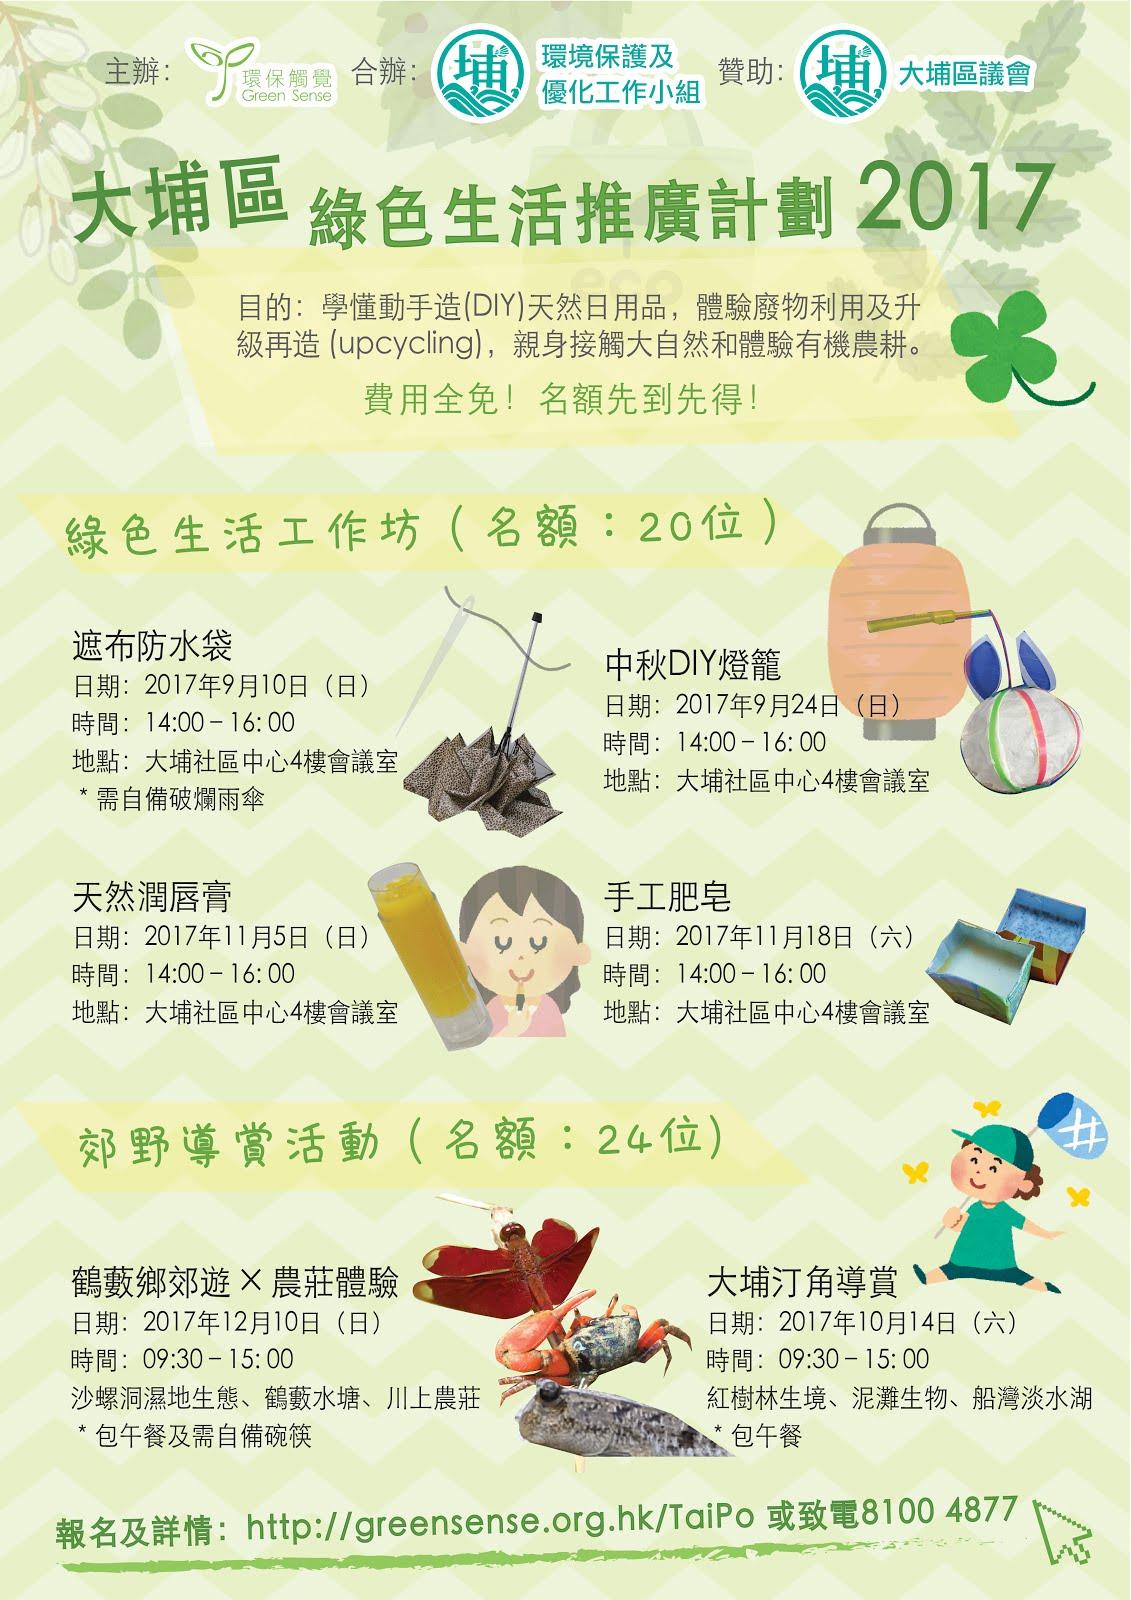 過往活動:大埔區綠色生活推廣計劃2017